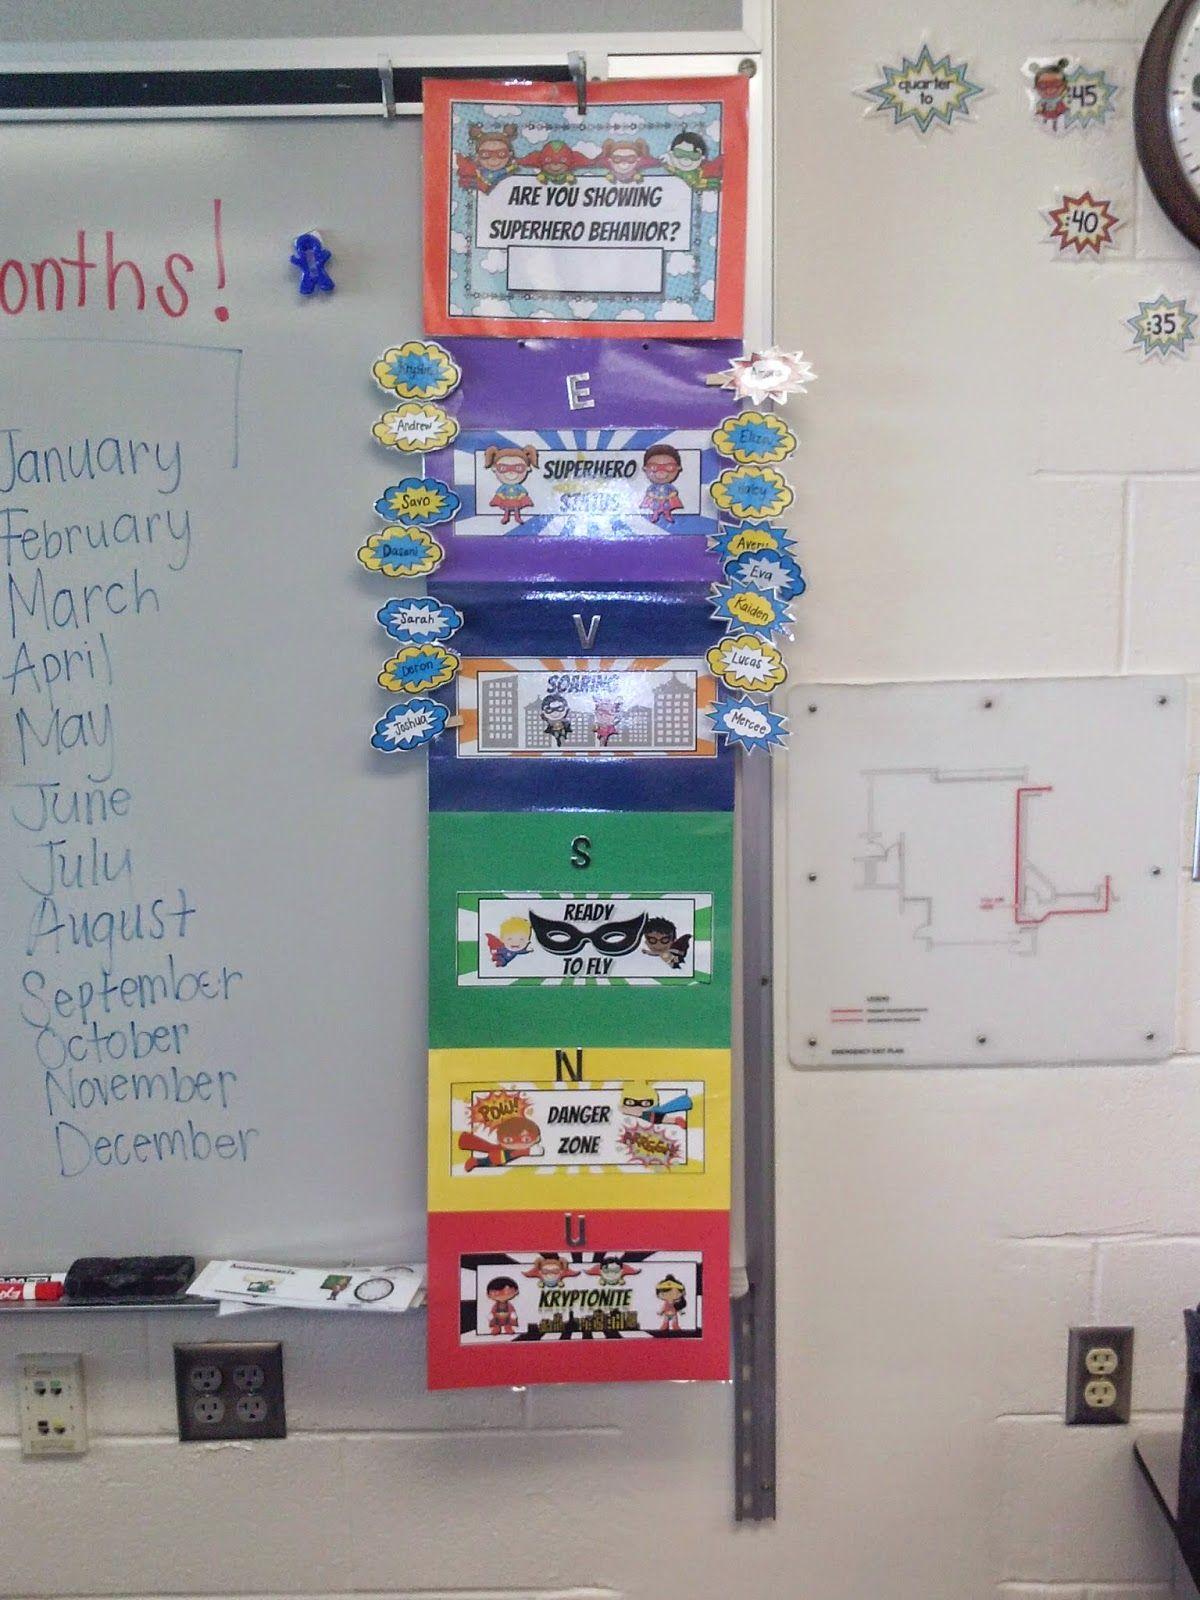 Our School Is Super Hero 2nd Grade Teacher S